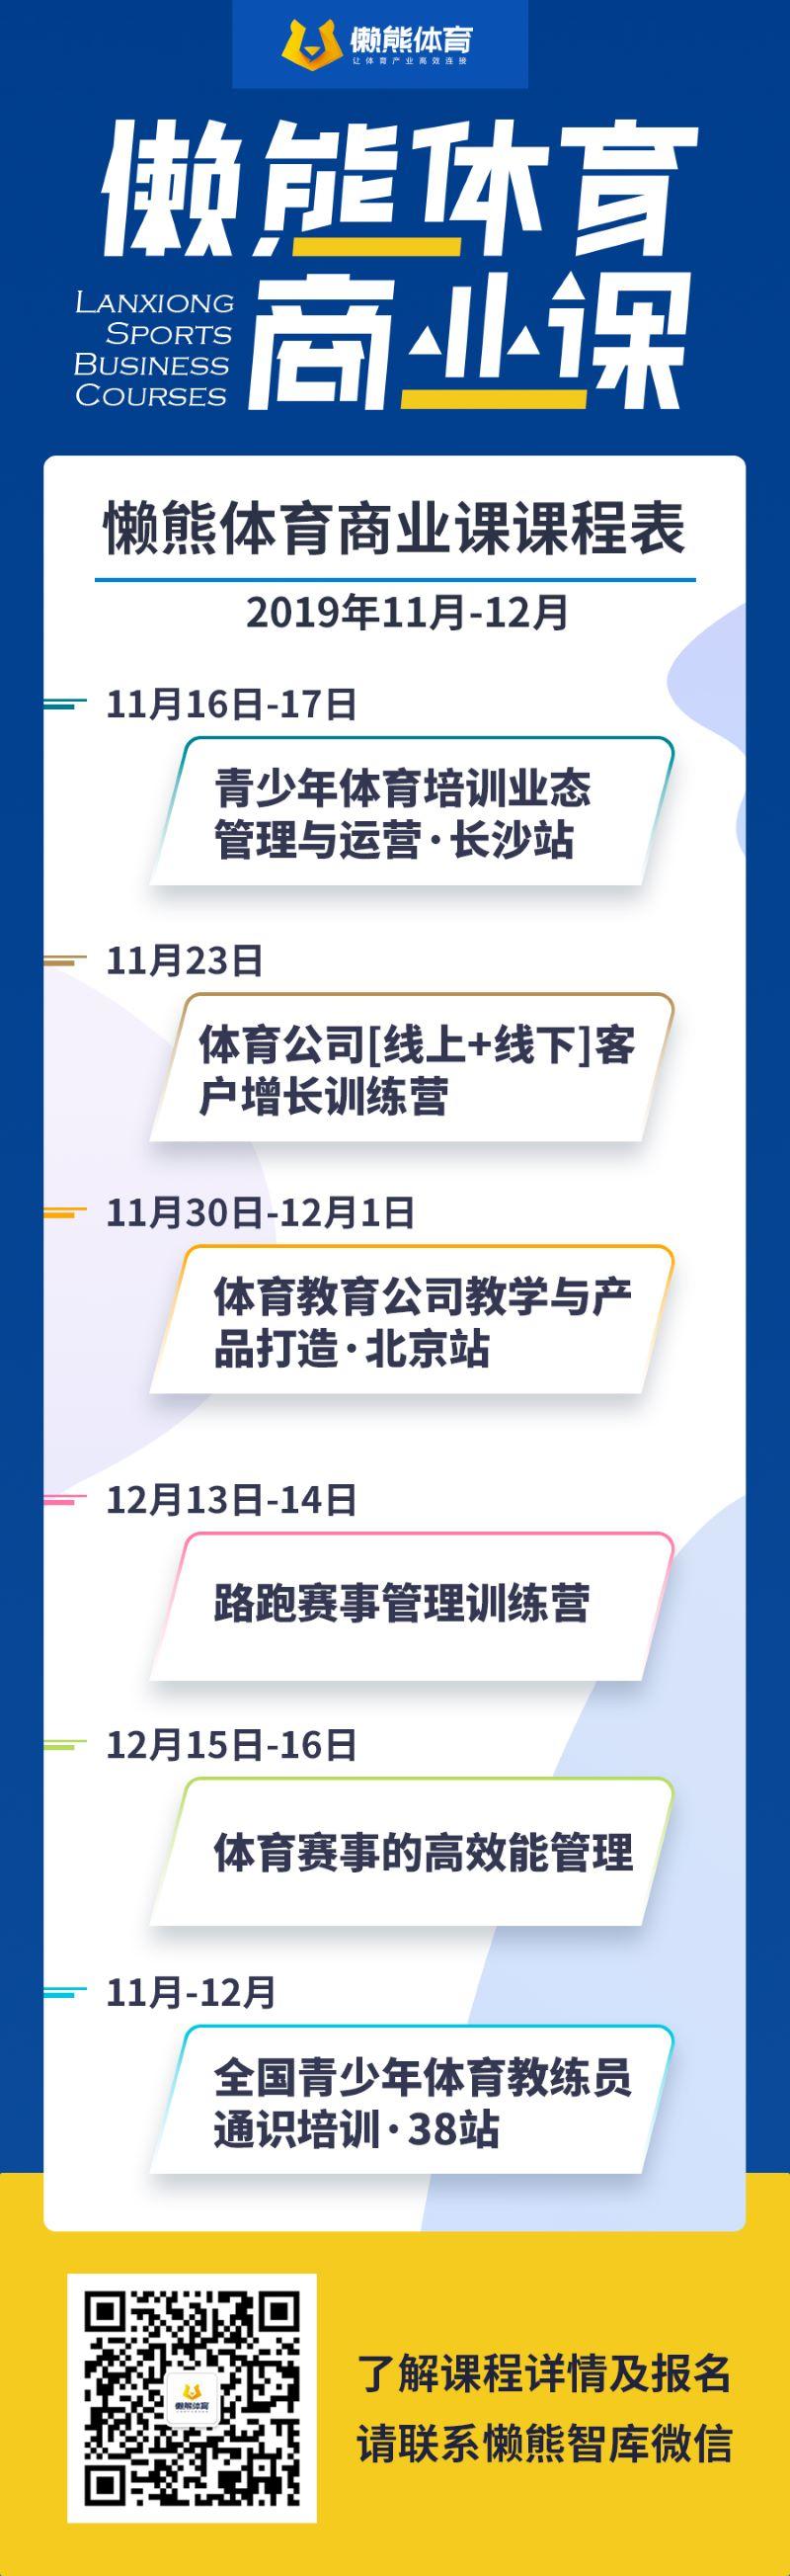 """""""46号文""""发布五周年,中国冰球产业发展如何破局?"""